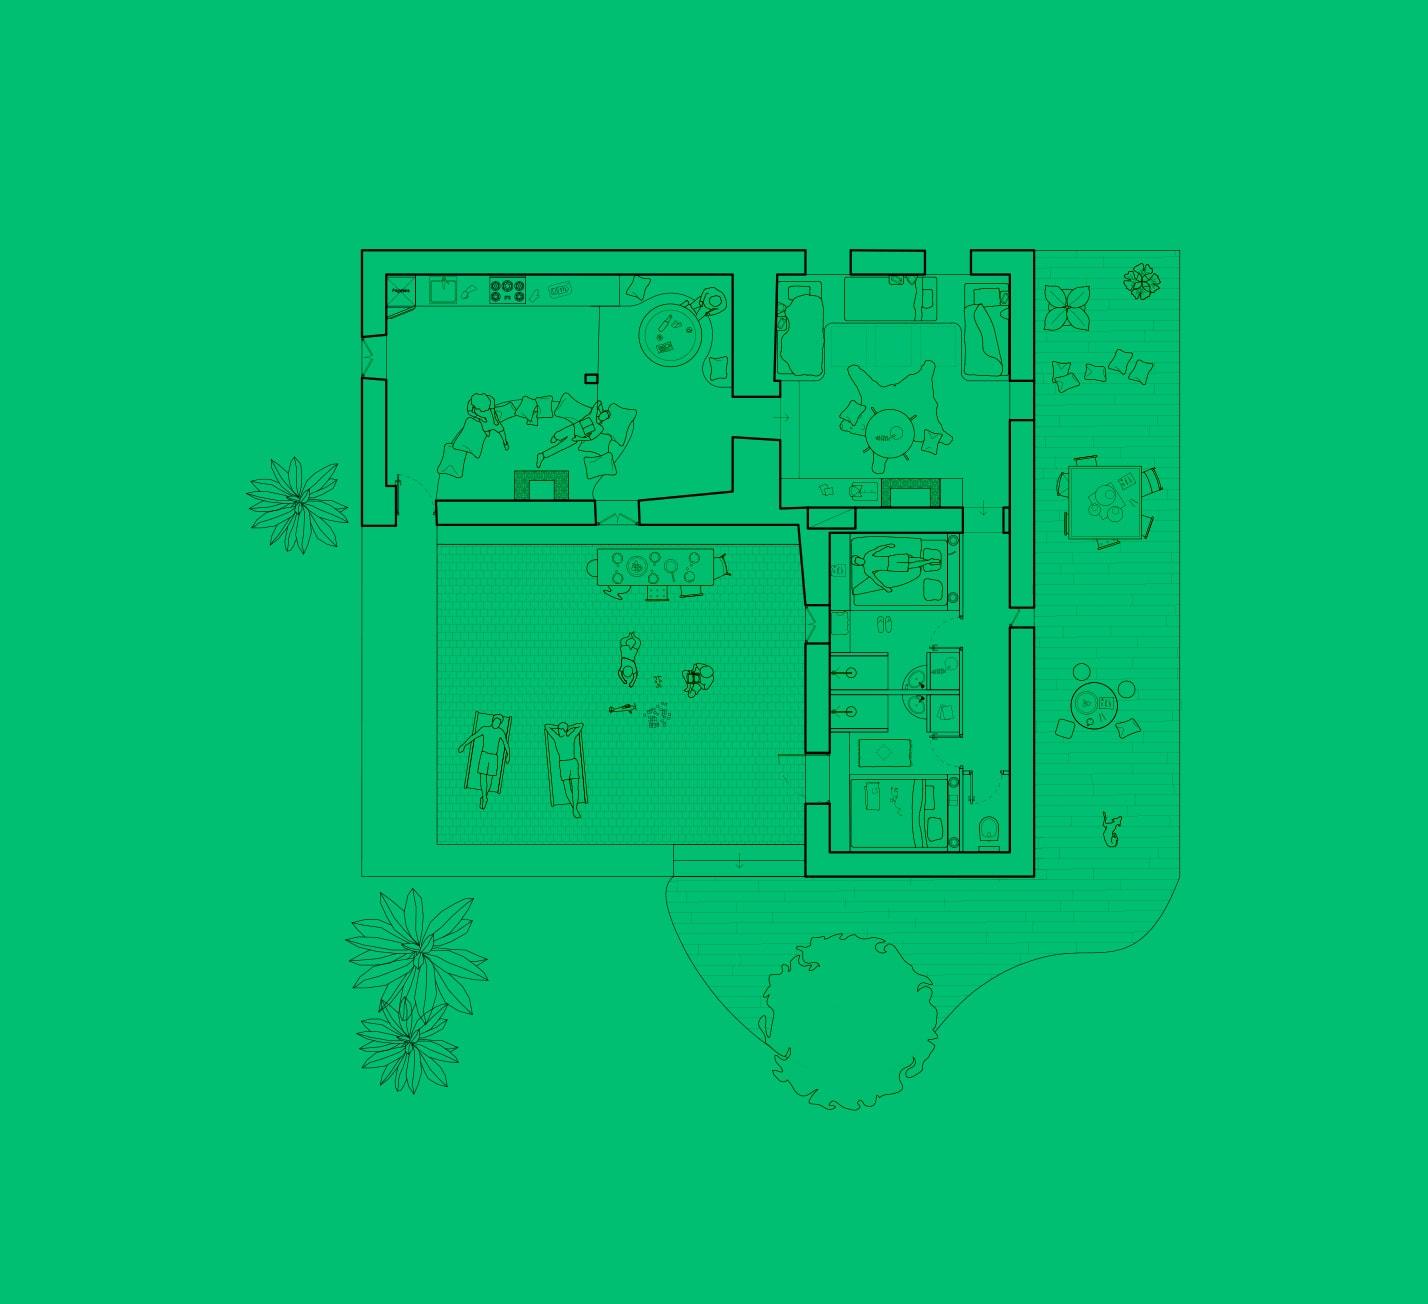 Projet-Bergeries-Atelier-Steve-Pauline-Borgia-Architecte-interieur-Plan-01-min